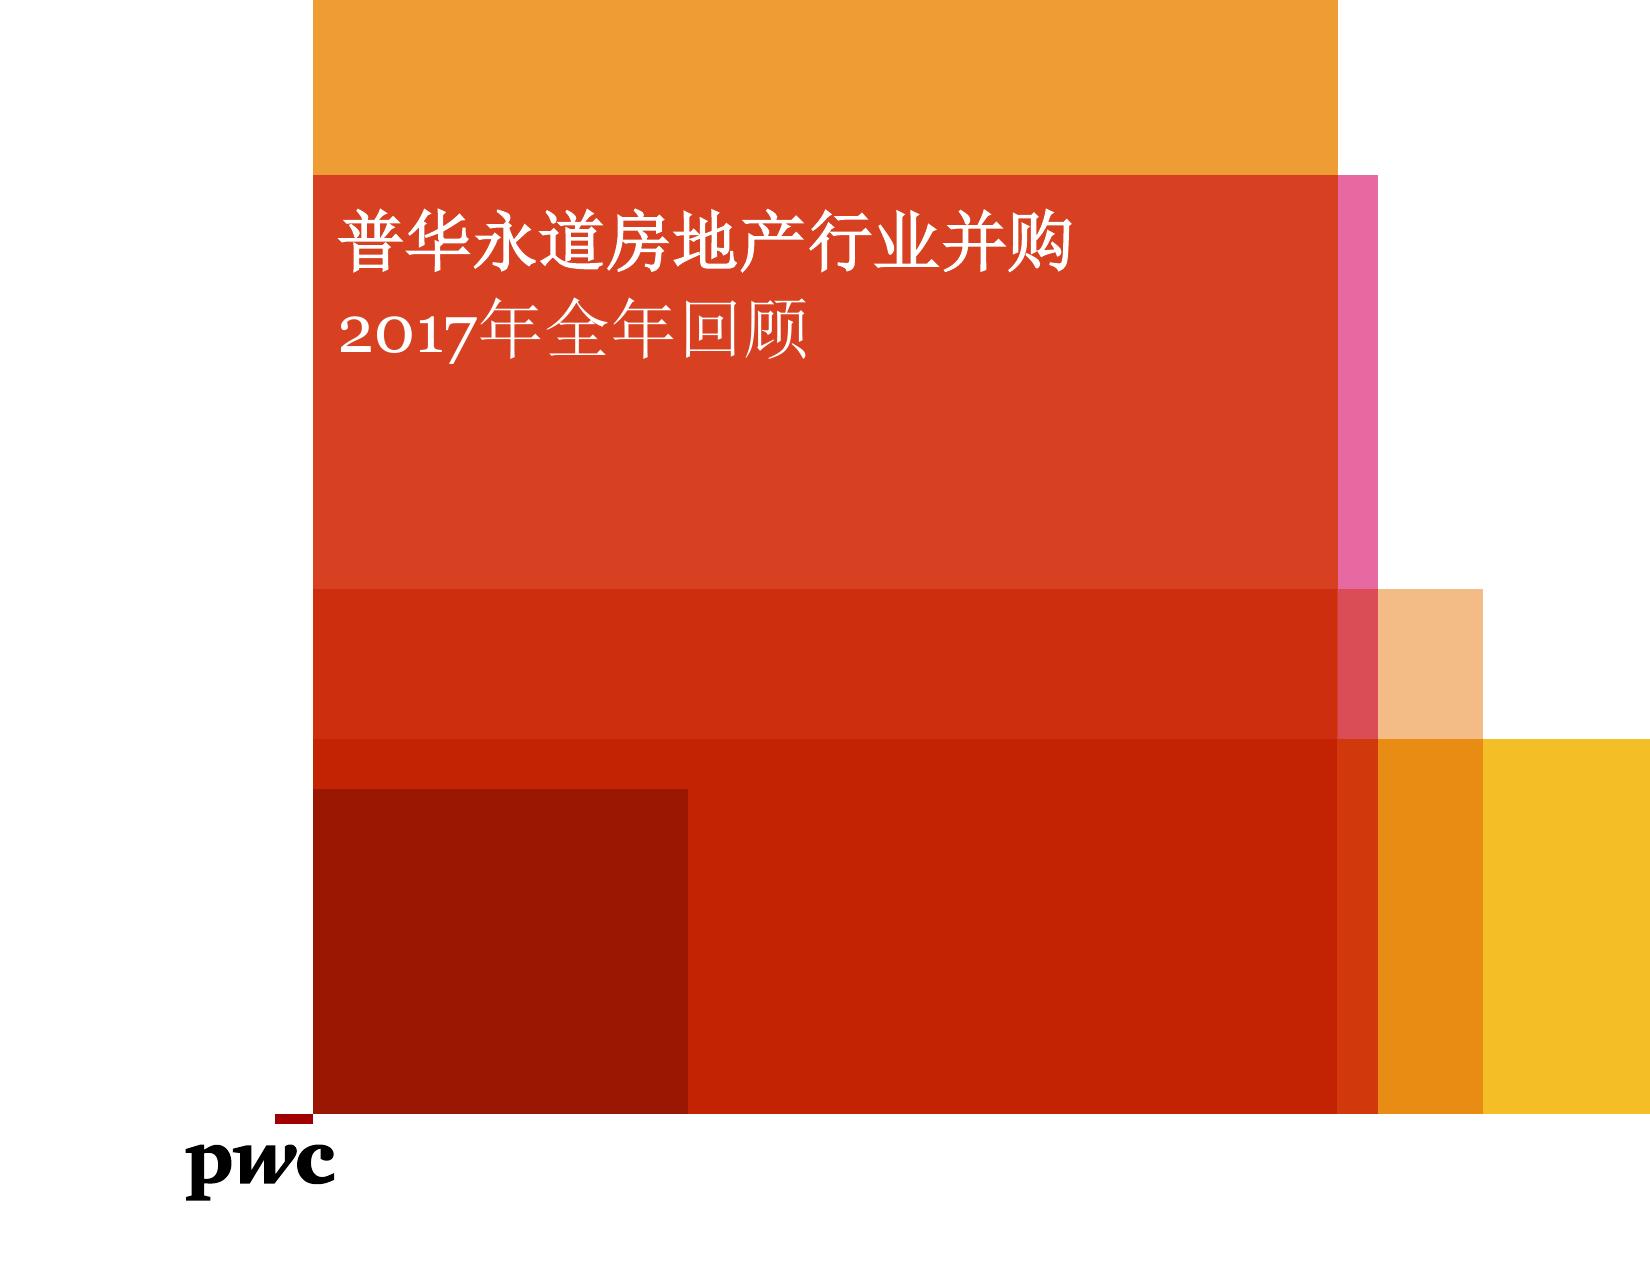 普华永道:2017年房地产行业并购回顾(附报告)